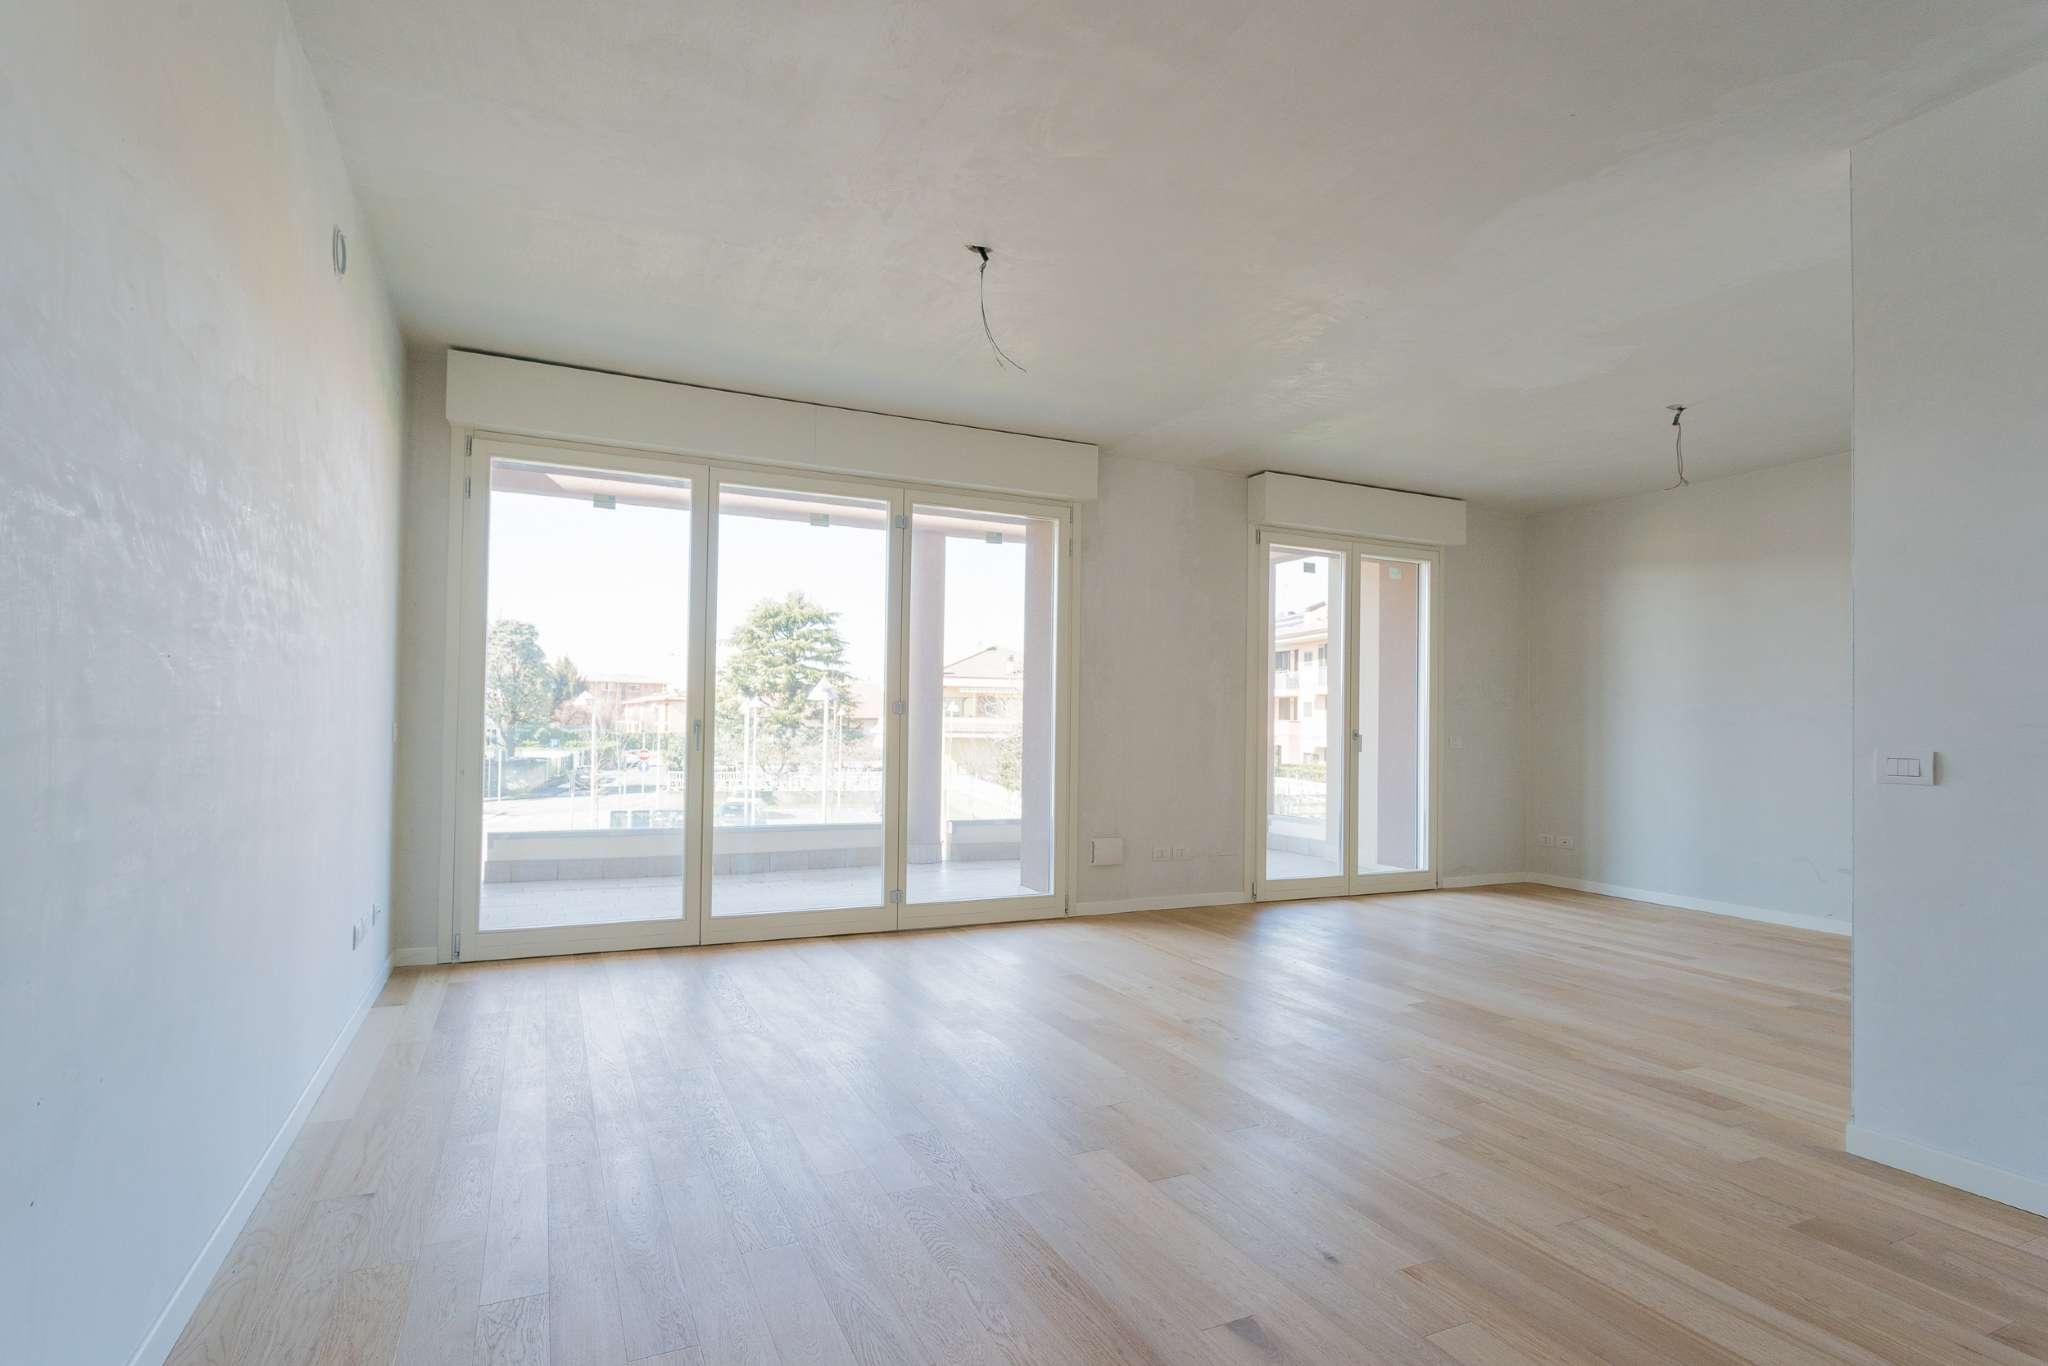 Appartamento in vendita a Cernusco sul Naviglio, 4 locali, prezzo € 399.000 | CambioCasa.it